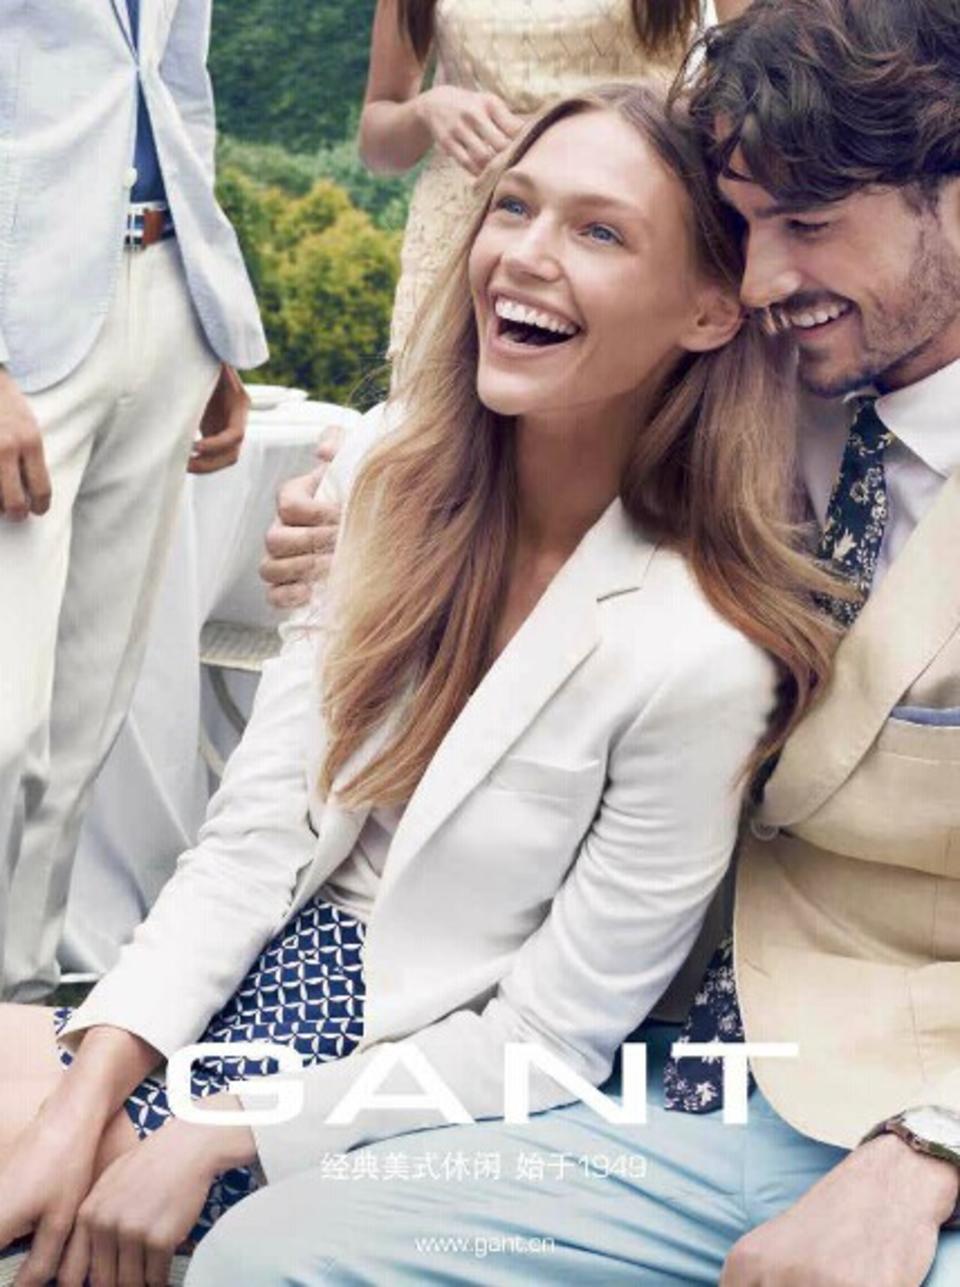 《服装店》杂志应该是一本介绍服装行业终端的杂志,主要是一些最新的行业资讯、品牌运营管理案例分析、行业新时尚、行业终端介绍、以及一些配套信息。在服装行业具有较高的参考价值。